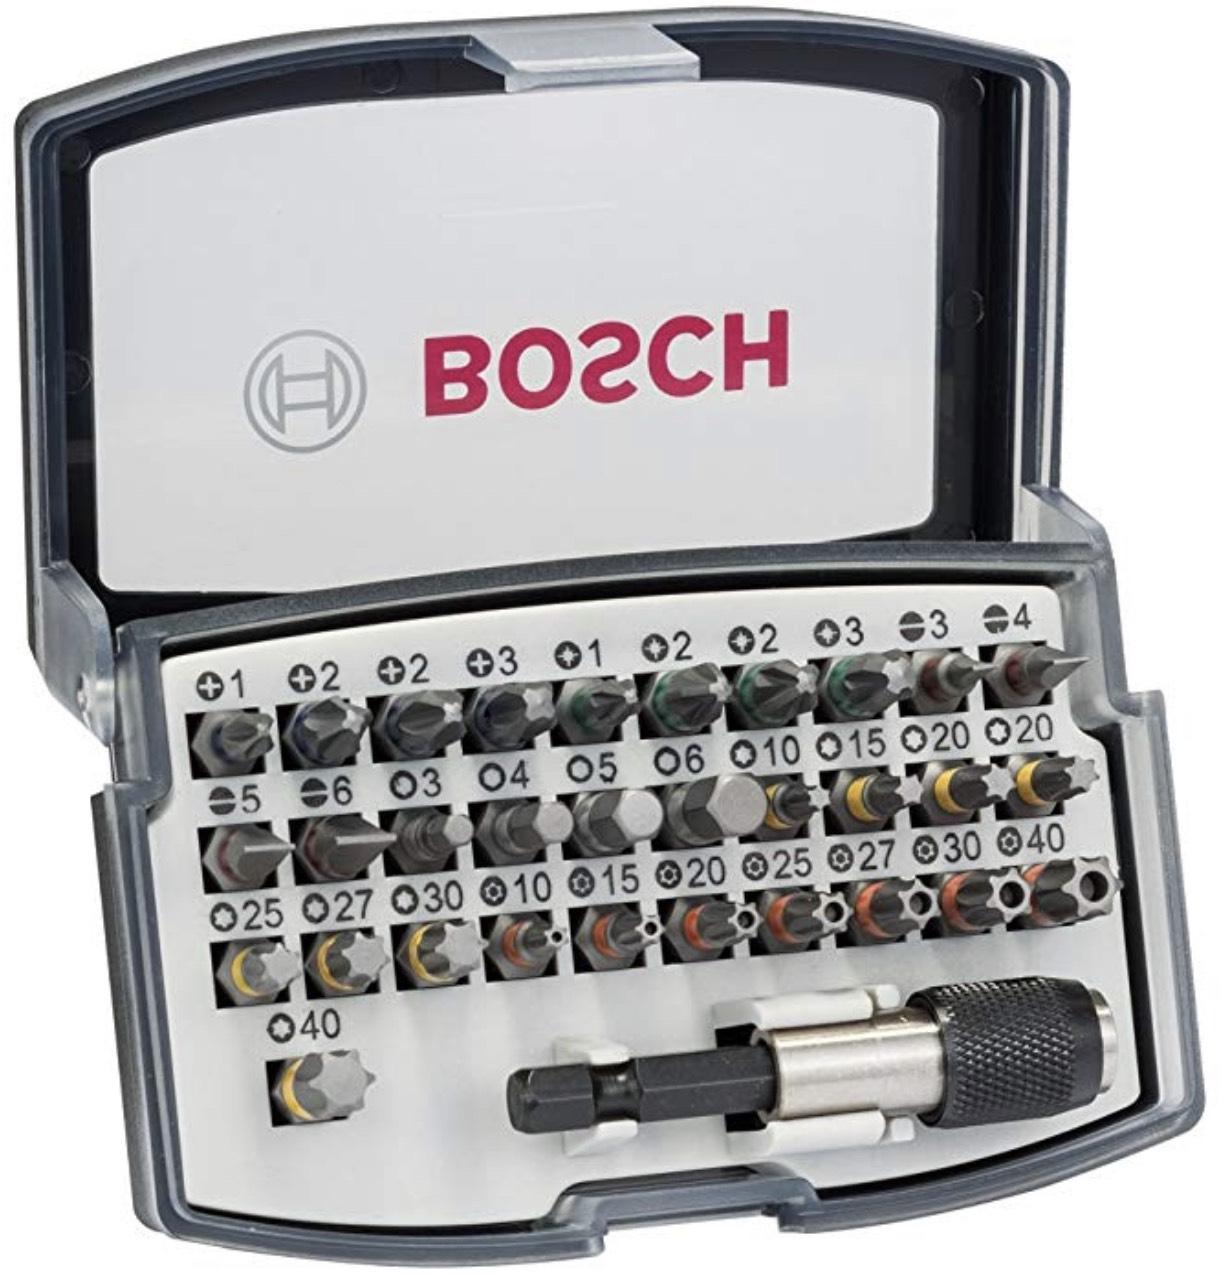 Bosch Professional 32tlg. Bit Set (Zubehör für Schraubanwendungen) um 7,04€